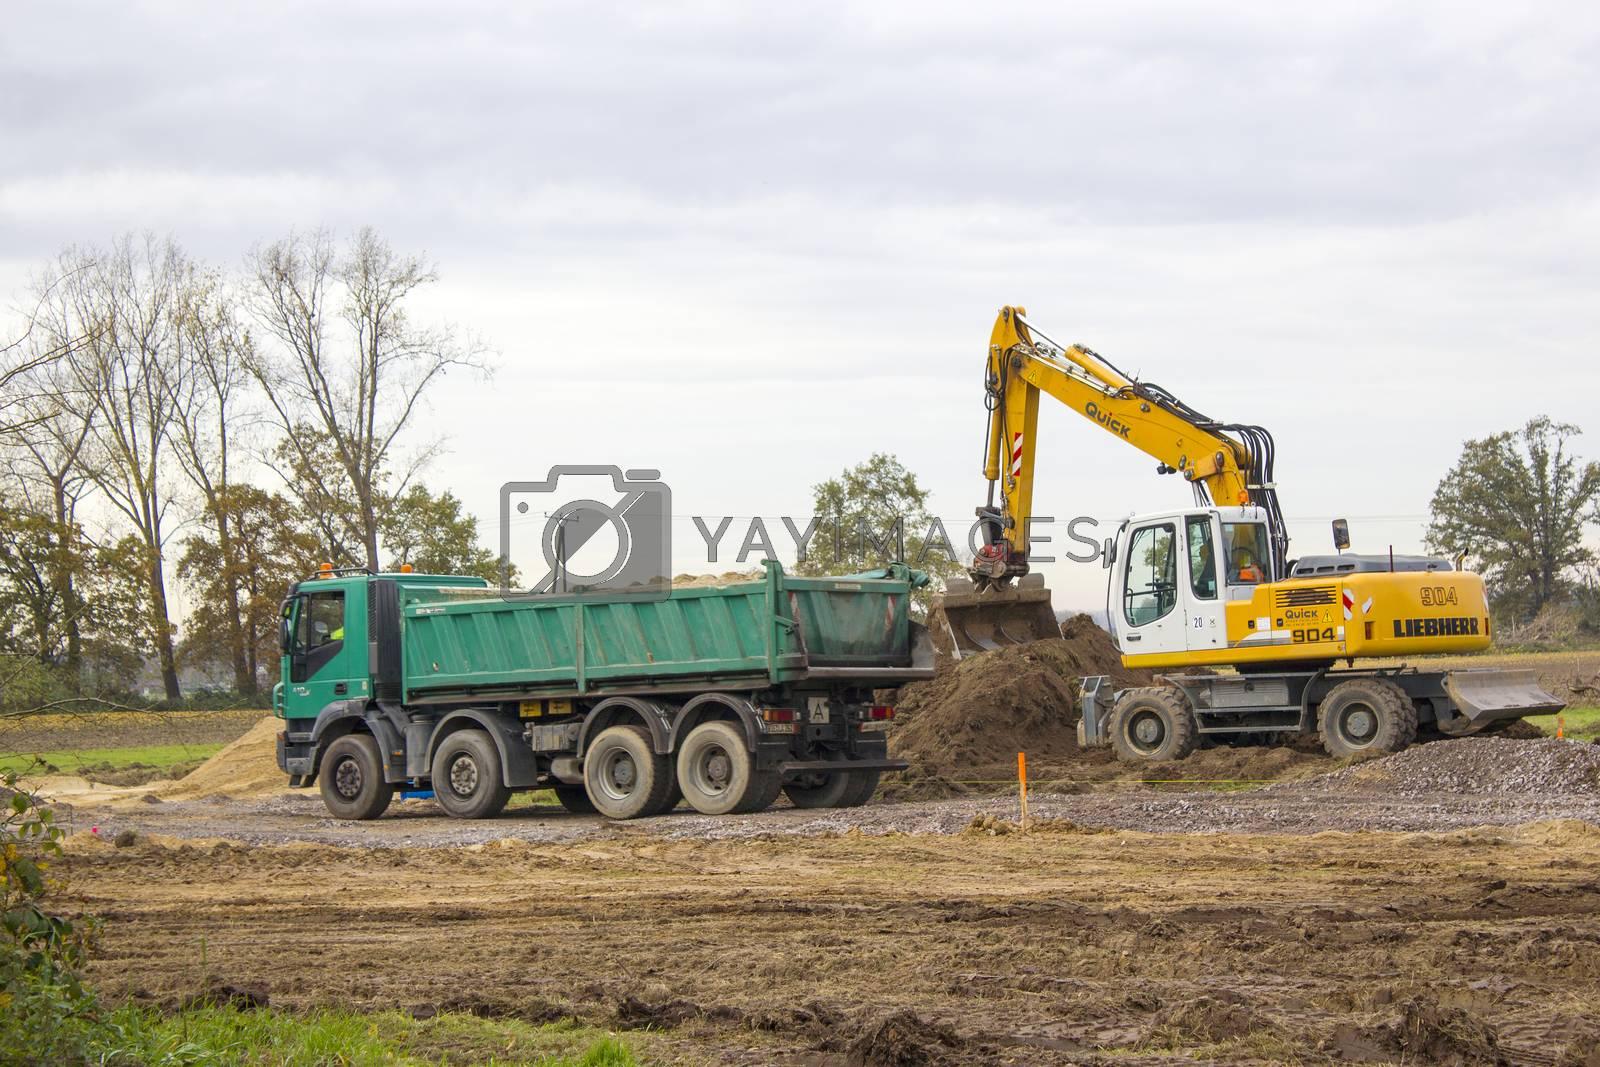 Excavator loading dumper truck tipper in sand pit